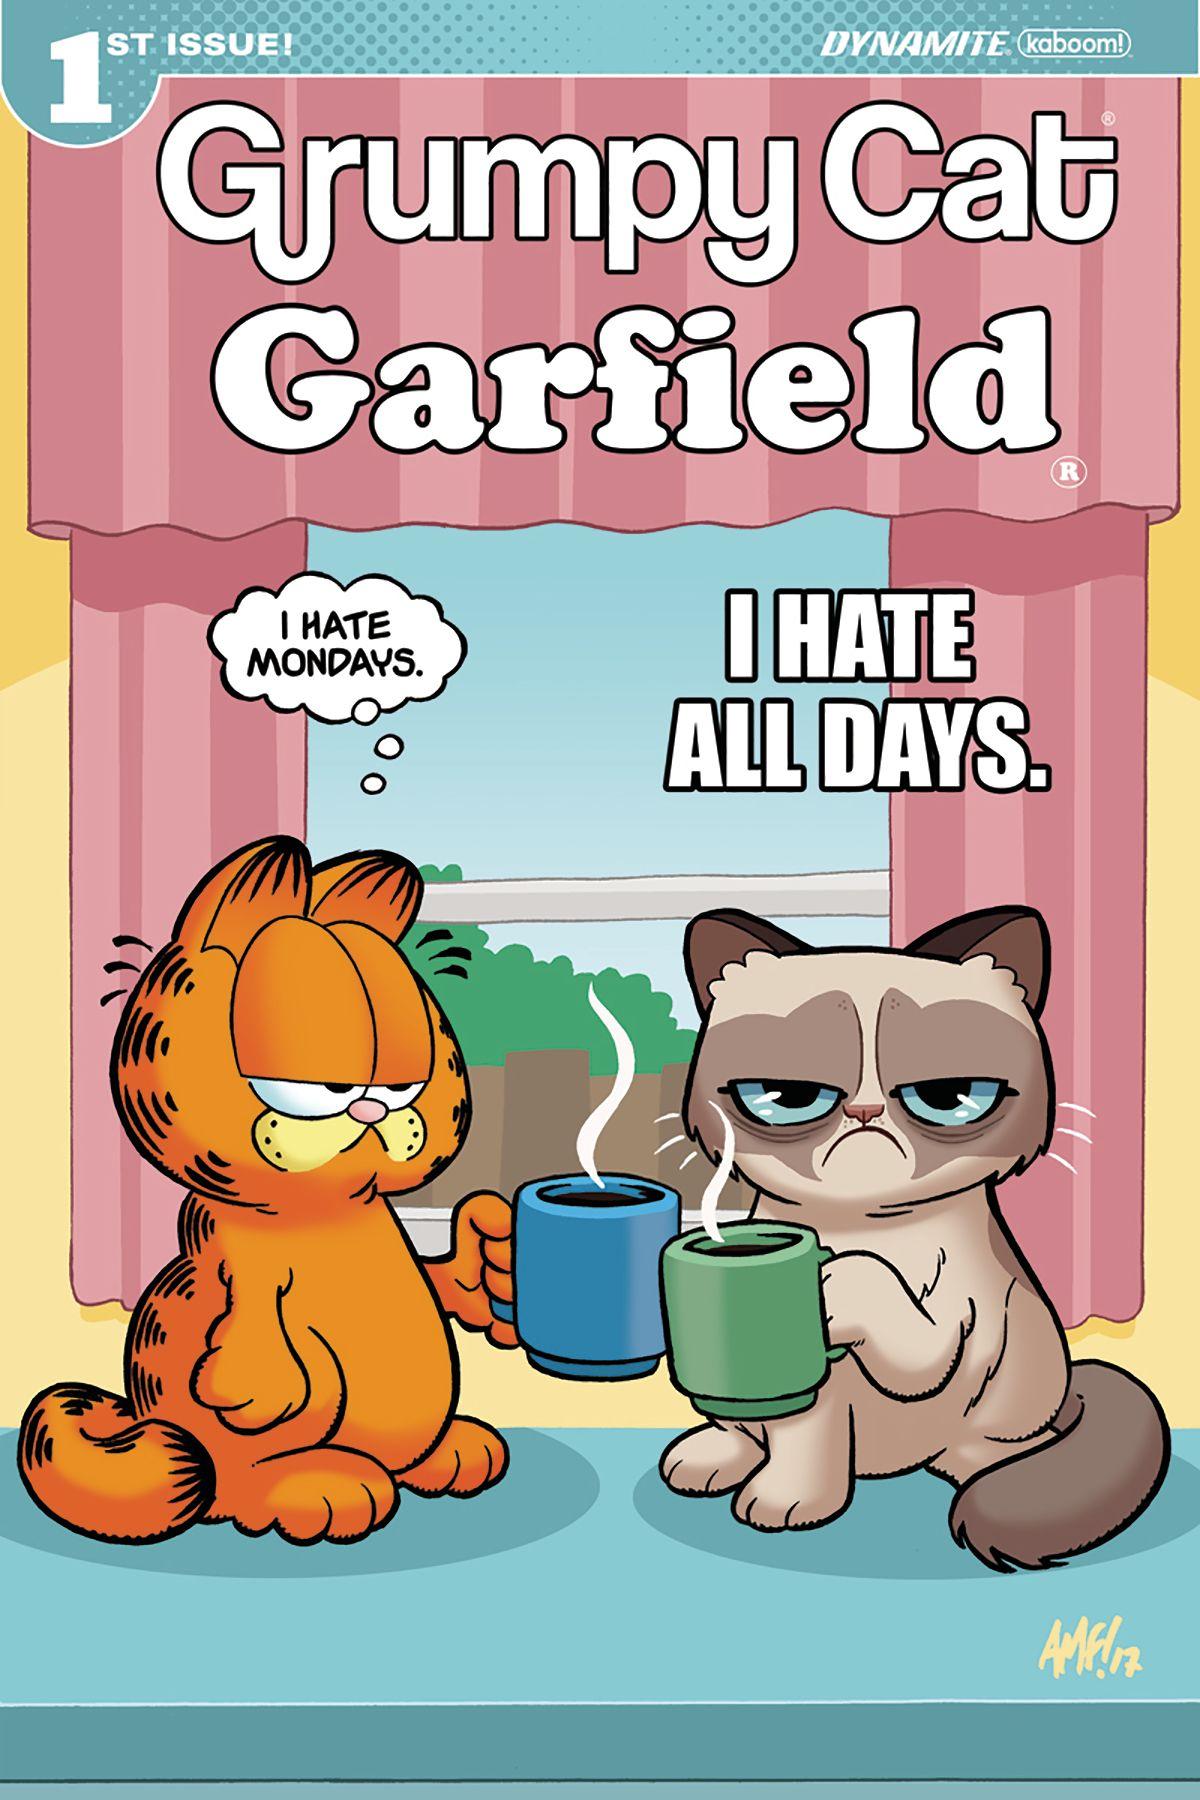 Grumpy Cat Garfield 1 Funny Grumpy Cat Memes Grumpy Cat Grumpy Cat Meme